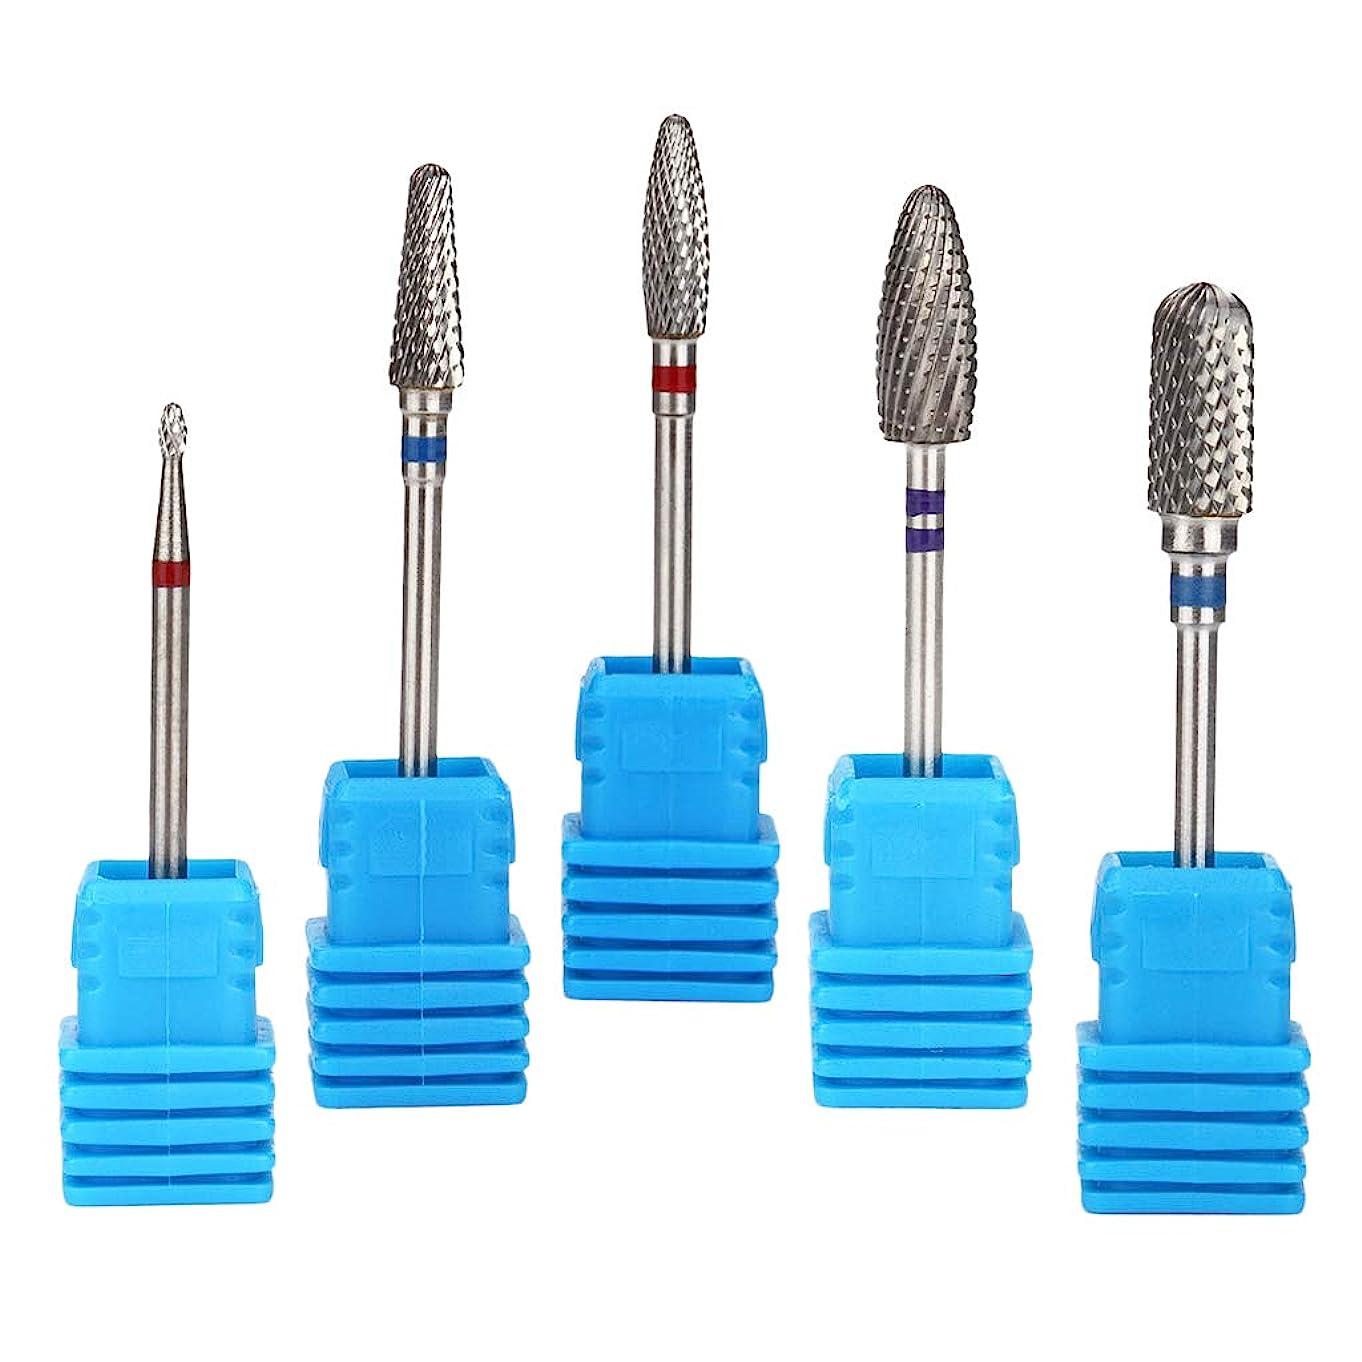 大腿虎つぶすCUTICATE ネイルドリルビット 研削ヘッド 電気ネイルドリルビット ネイルアートツール 全2選択 - シルバービット(5個)